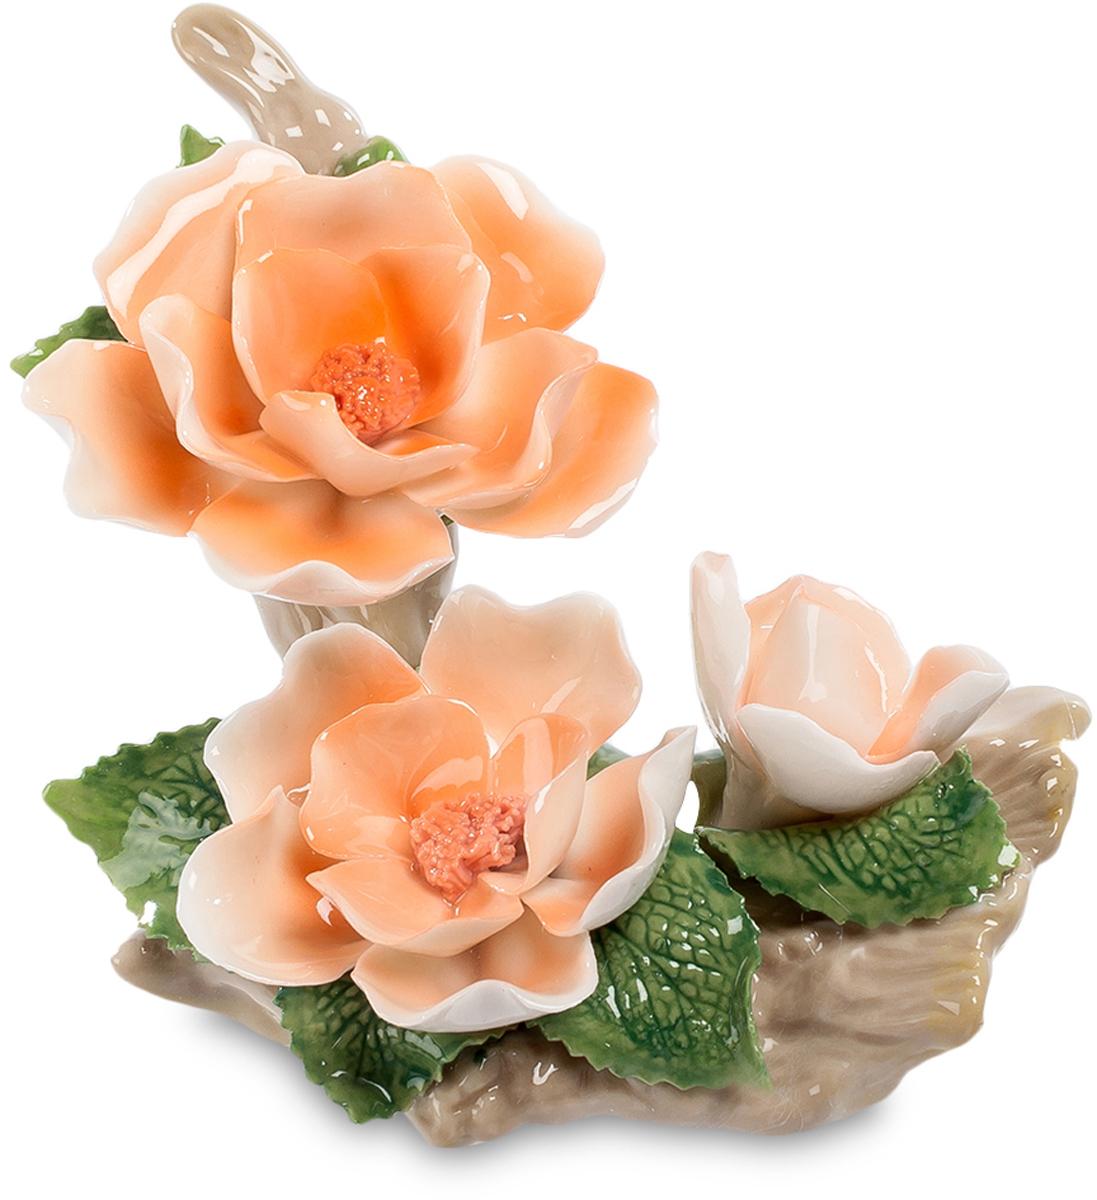 Композиция Pavone Чайная Роза. CMS-33/5474-0120Композиция Чайная Роза (Pavone) На корявом куске сухого дерева разместилась созданная в стиле японской икебаны очаровательная лаконичная композиция из трех чайных роз. Две побольше, и одна – еще почти бутон. Цветы настолько красивы и изящны, что так и хочется их понюхать. Но они не пахнут, ведь они не живые, а фарфоровые. Не обязательно дарить полные корзины цветов, да еще таких, которые завянут через пару дней. А вот такая цветочная композиция станет маленьким, но ярким элементом в вашей комнате, напомнит о поре цветения и о том, кто принес этот замечательный подарок. Это – украшение на долгие времена, память на всю долгую жизнь.